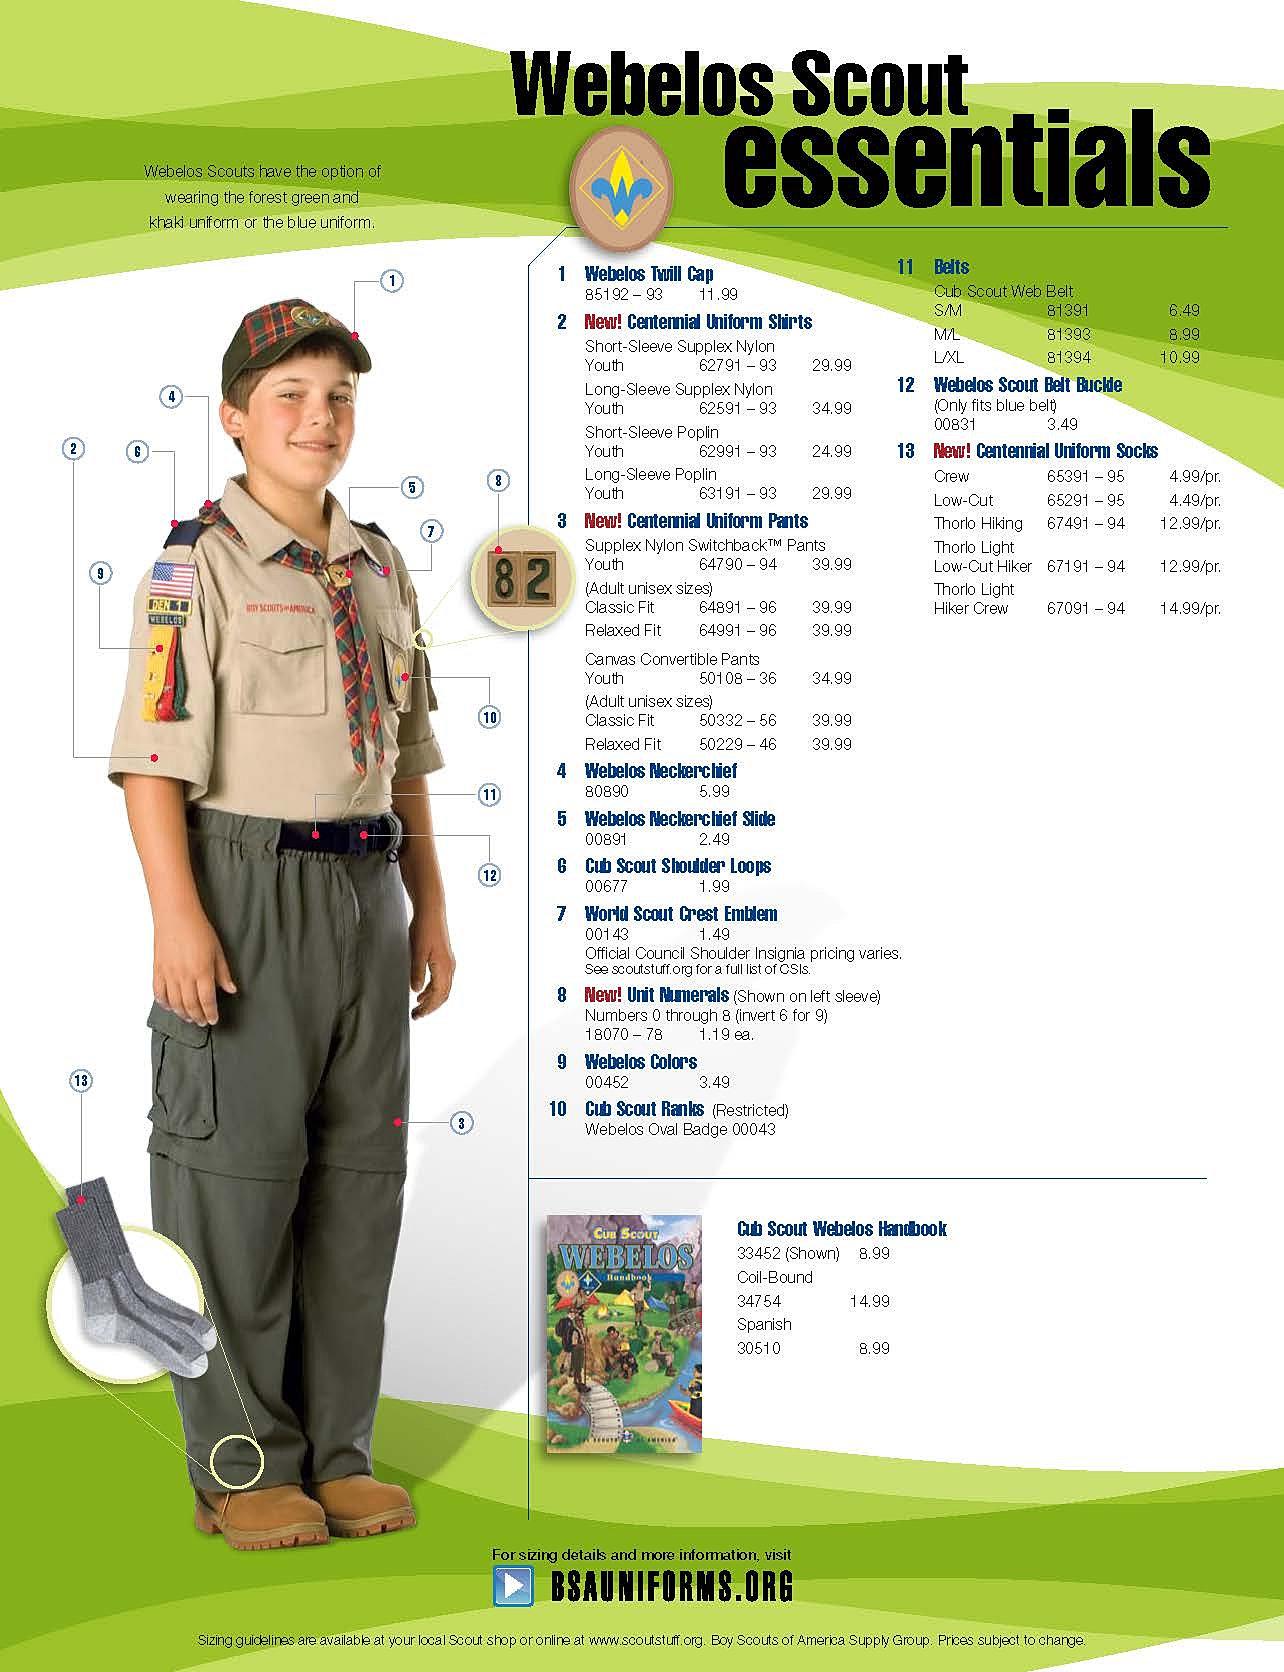 Cub Scout Den Leader Shirt Patch Placement